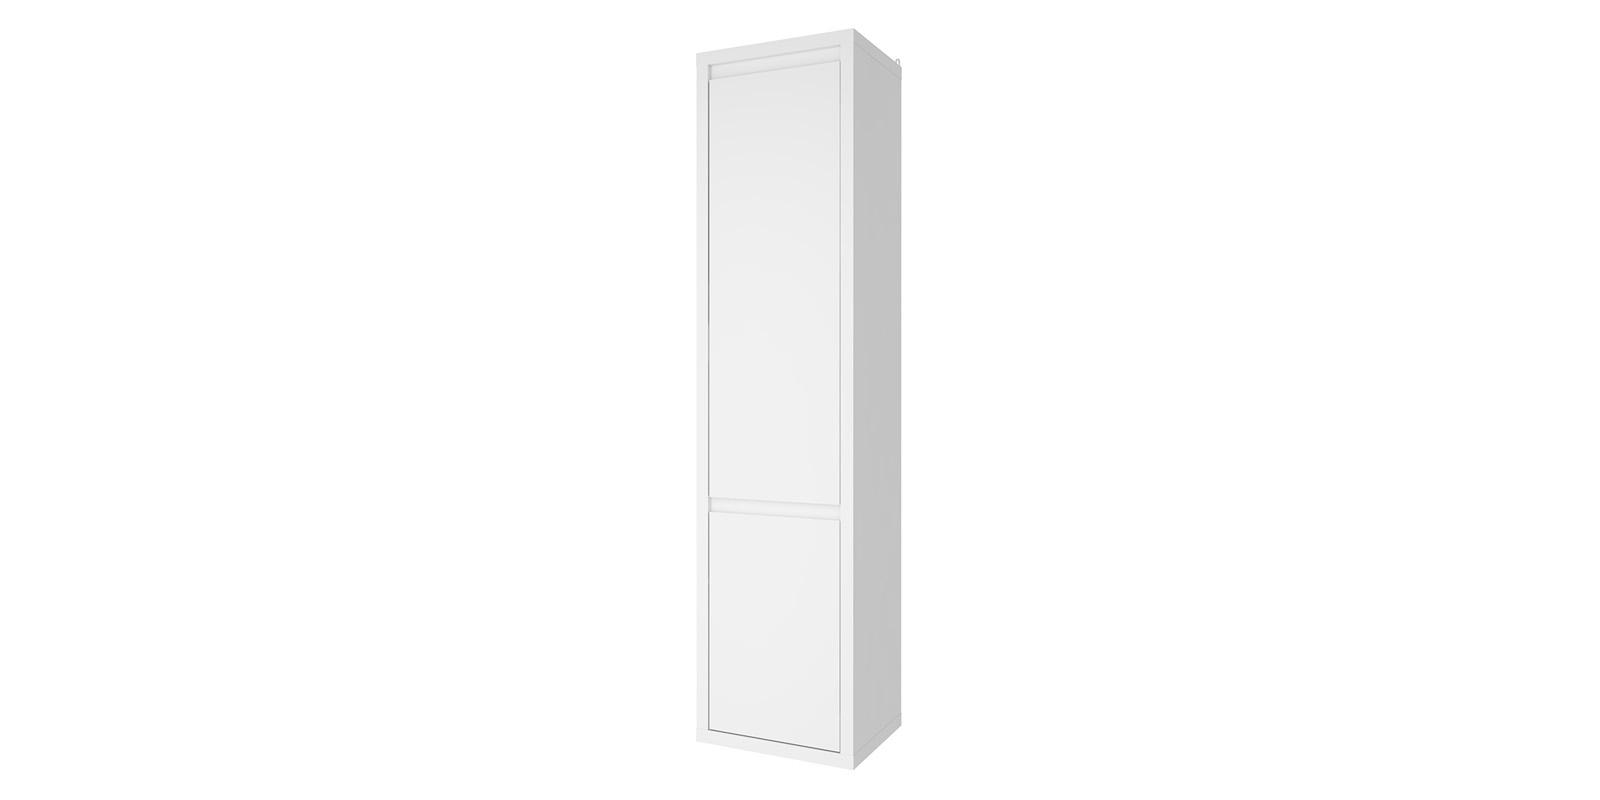 Шкаф распашной однодверный Сальвадор (белый)